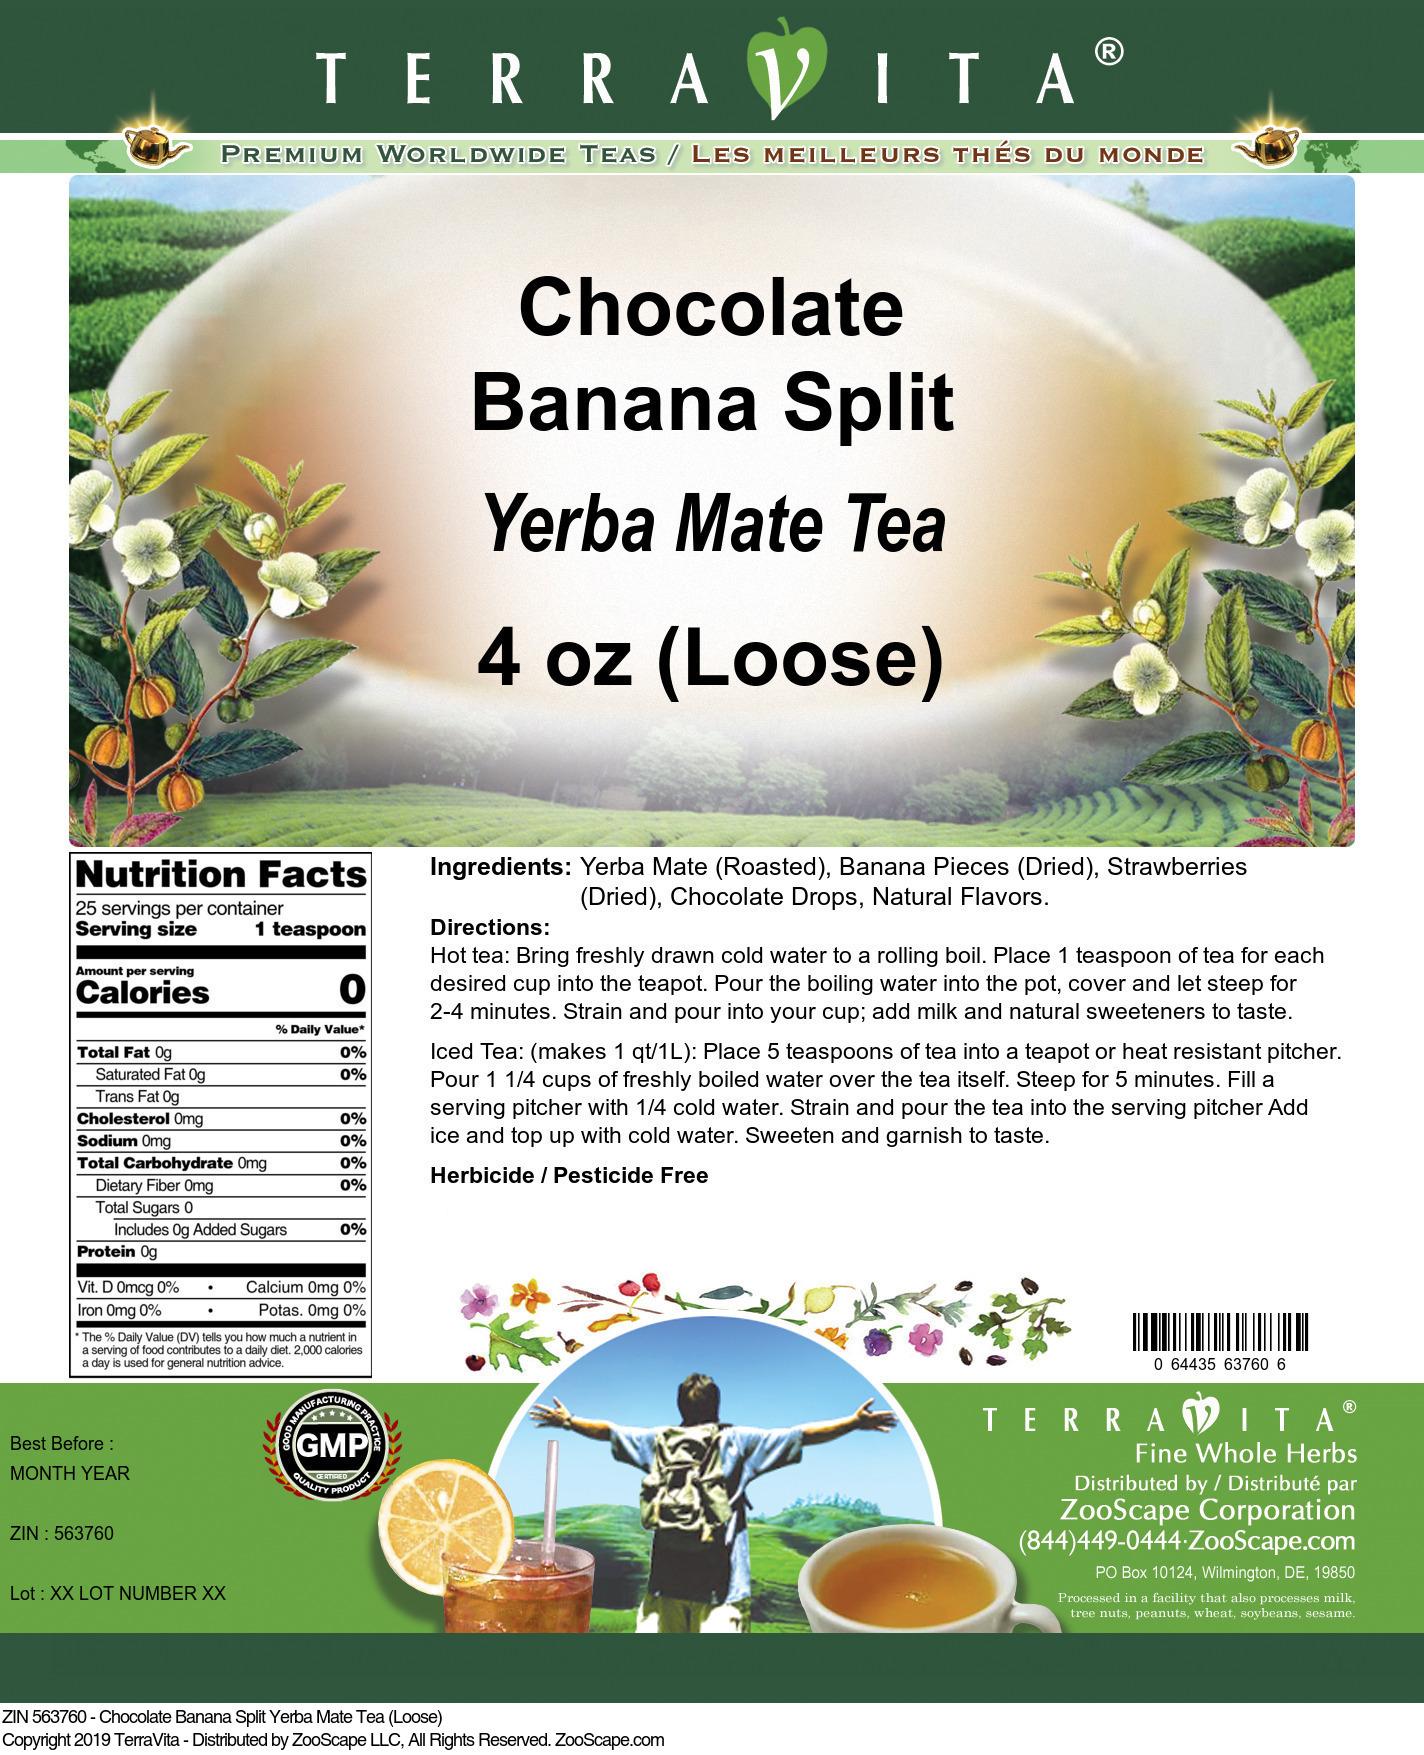 Chocolate Banana Split Yerba Mate